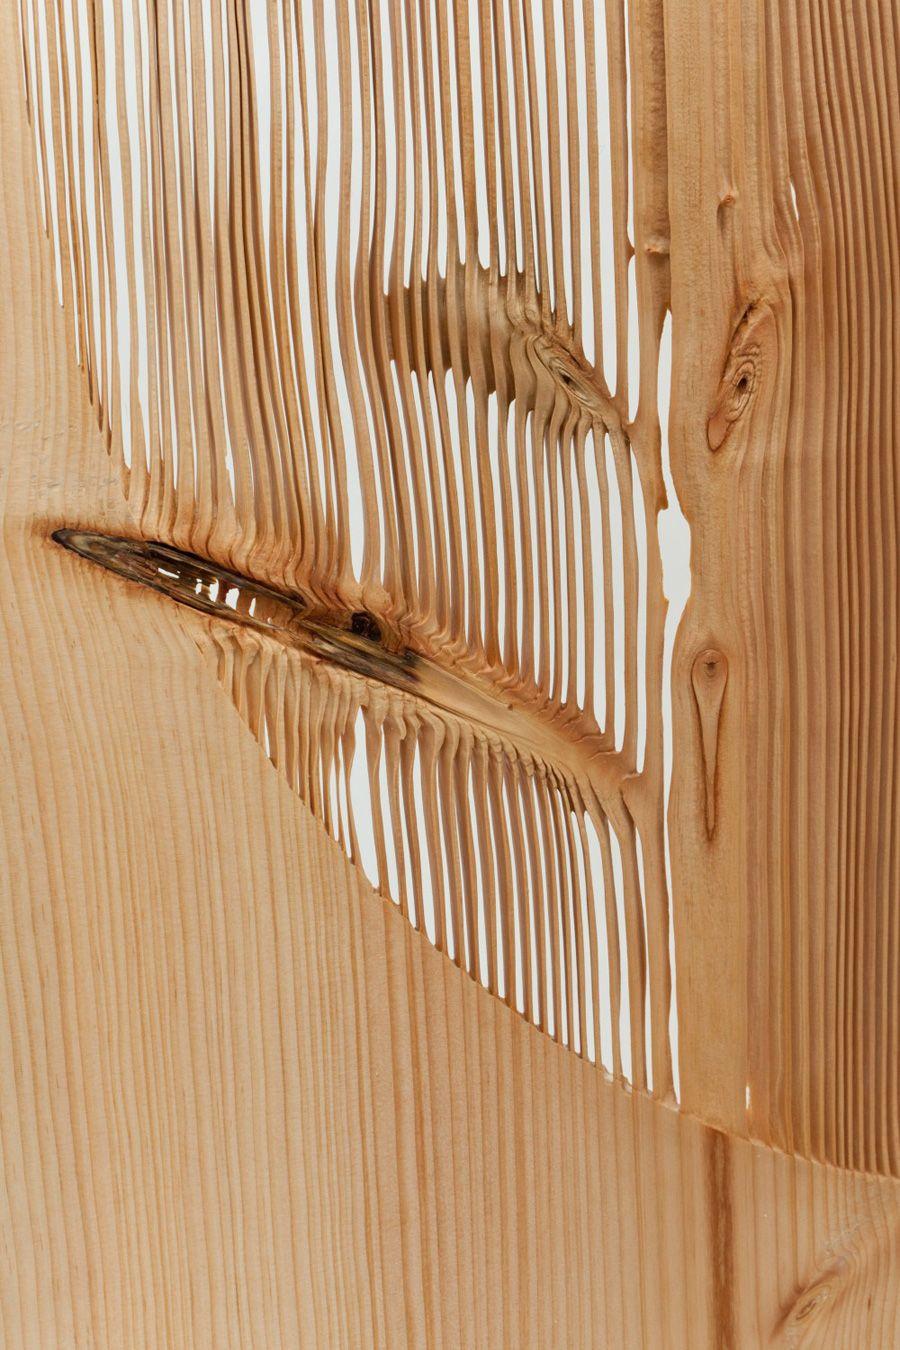 http://www.artnau.com/2014/04/diptych-by-lex-pott-new-window/